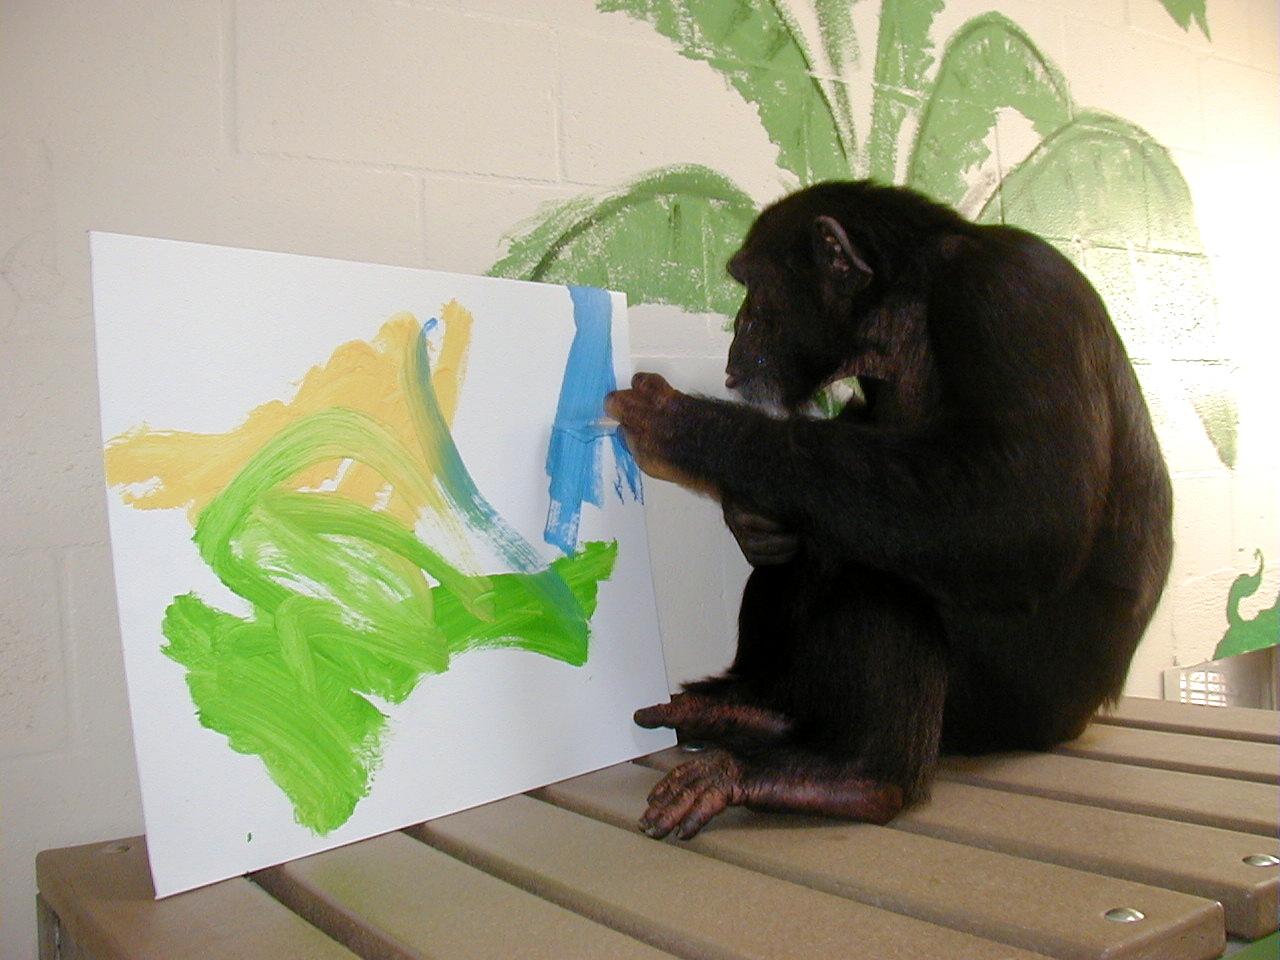 Grub painting